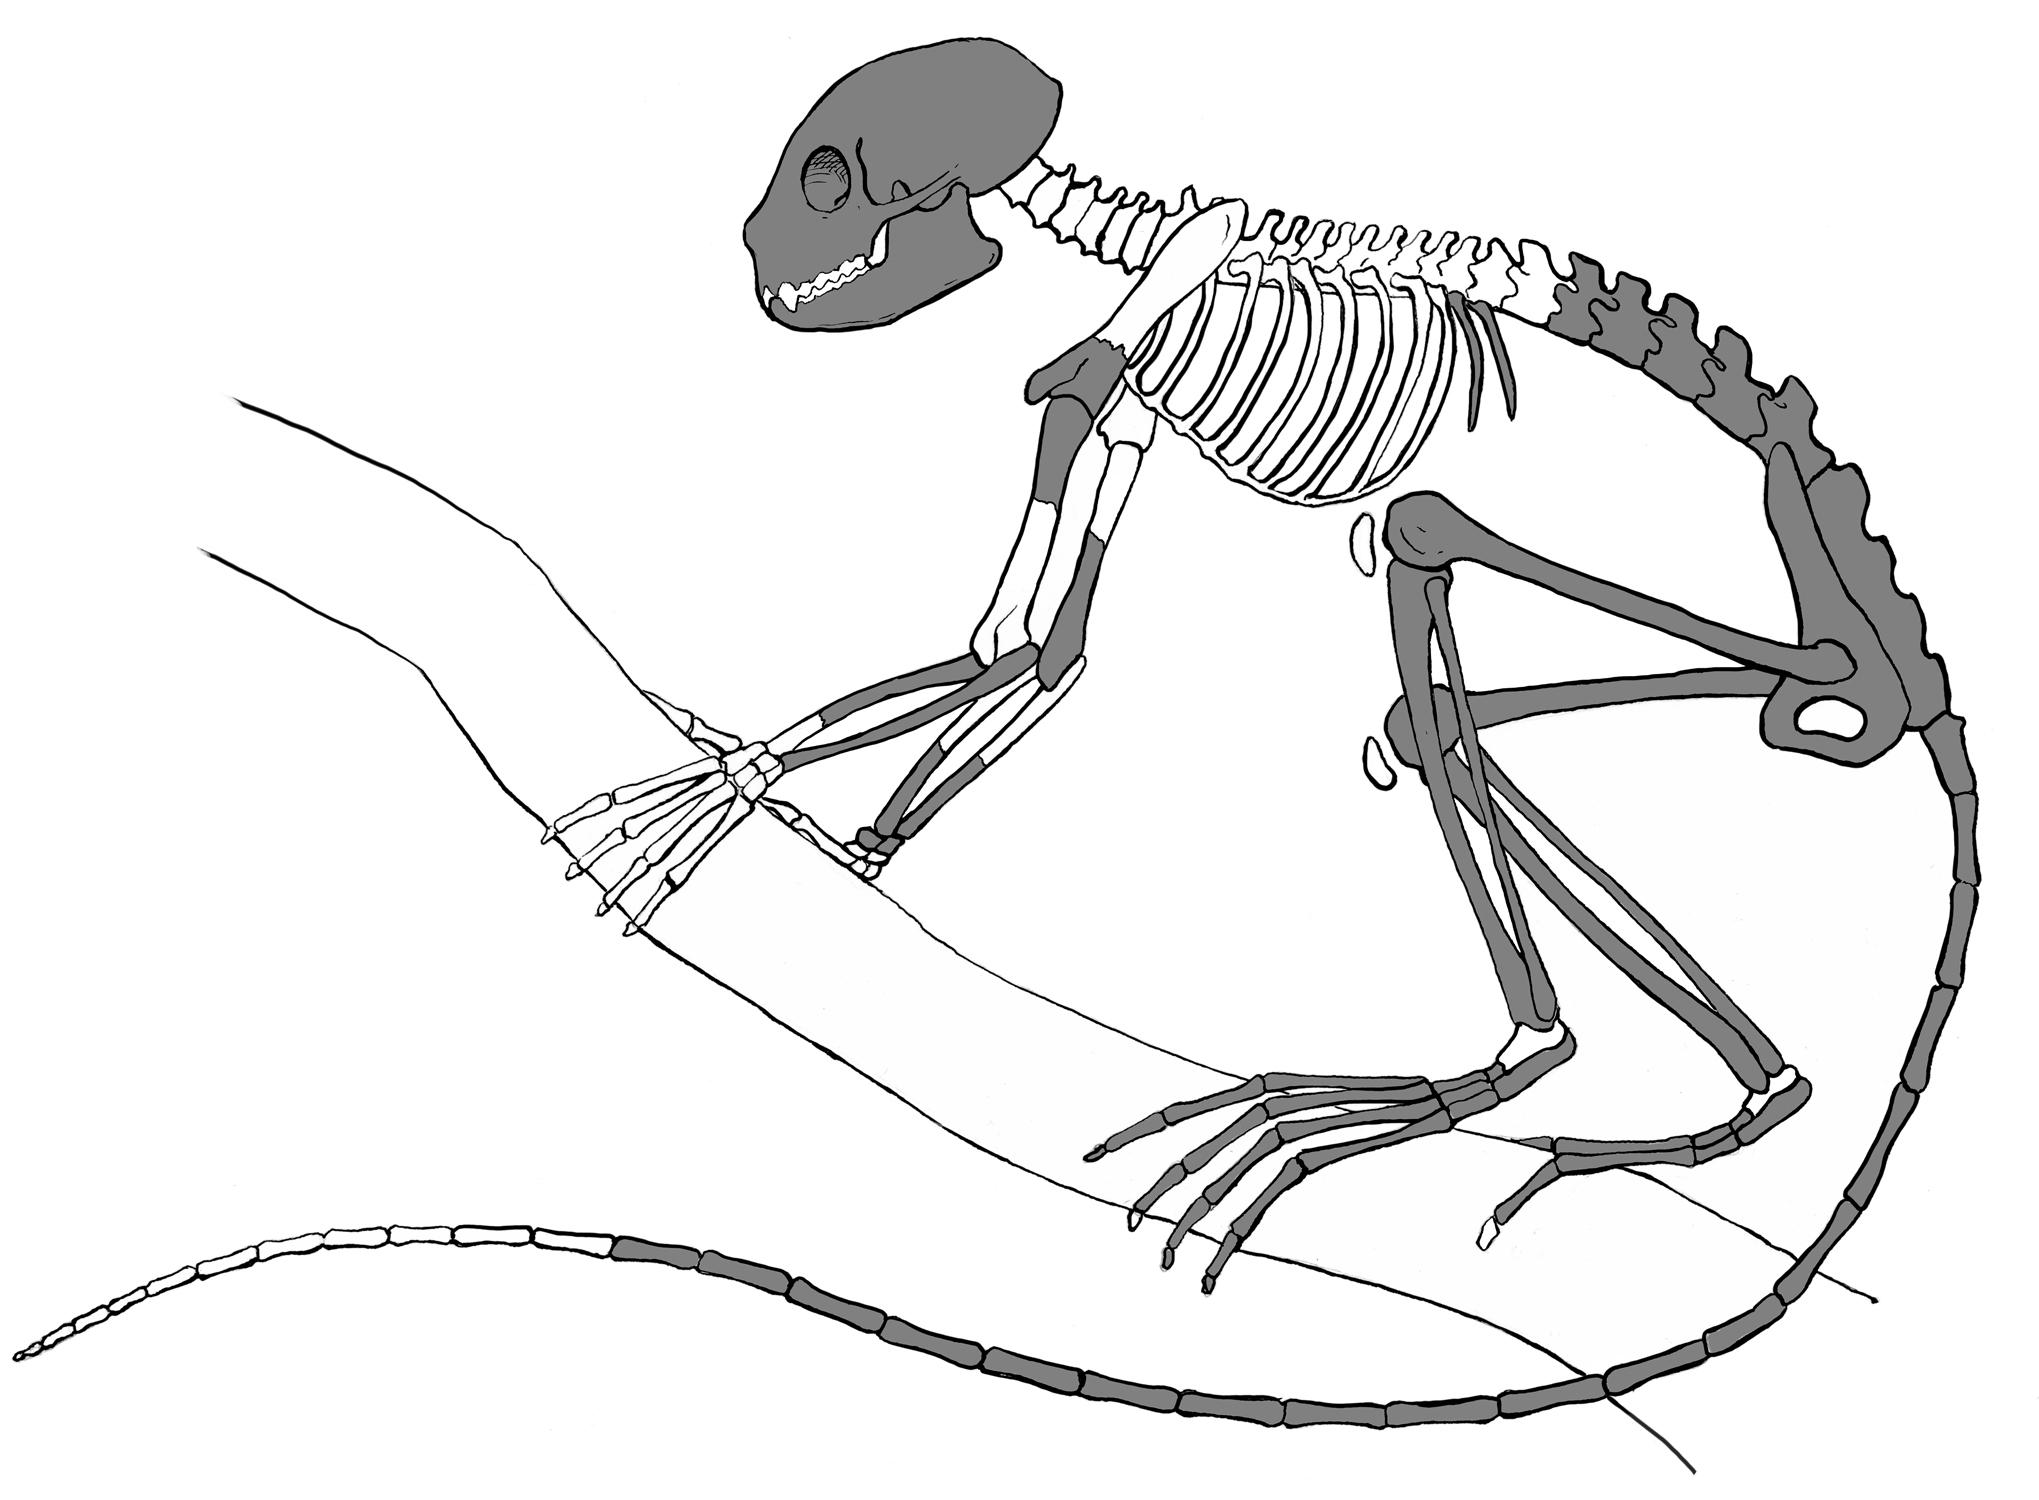 Oldest Primate Skeleton Discovered